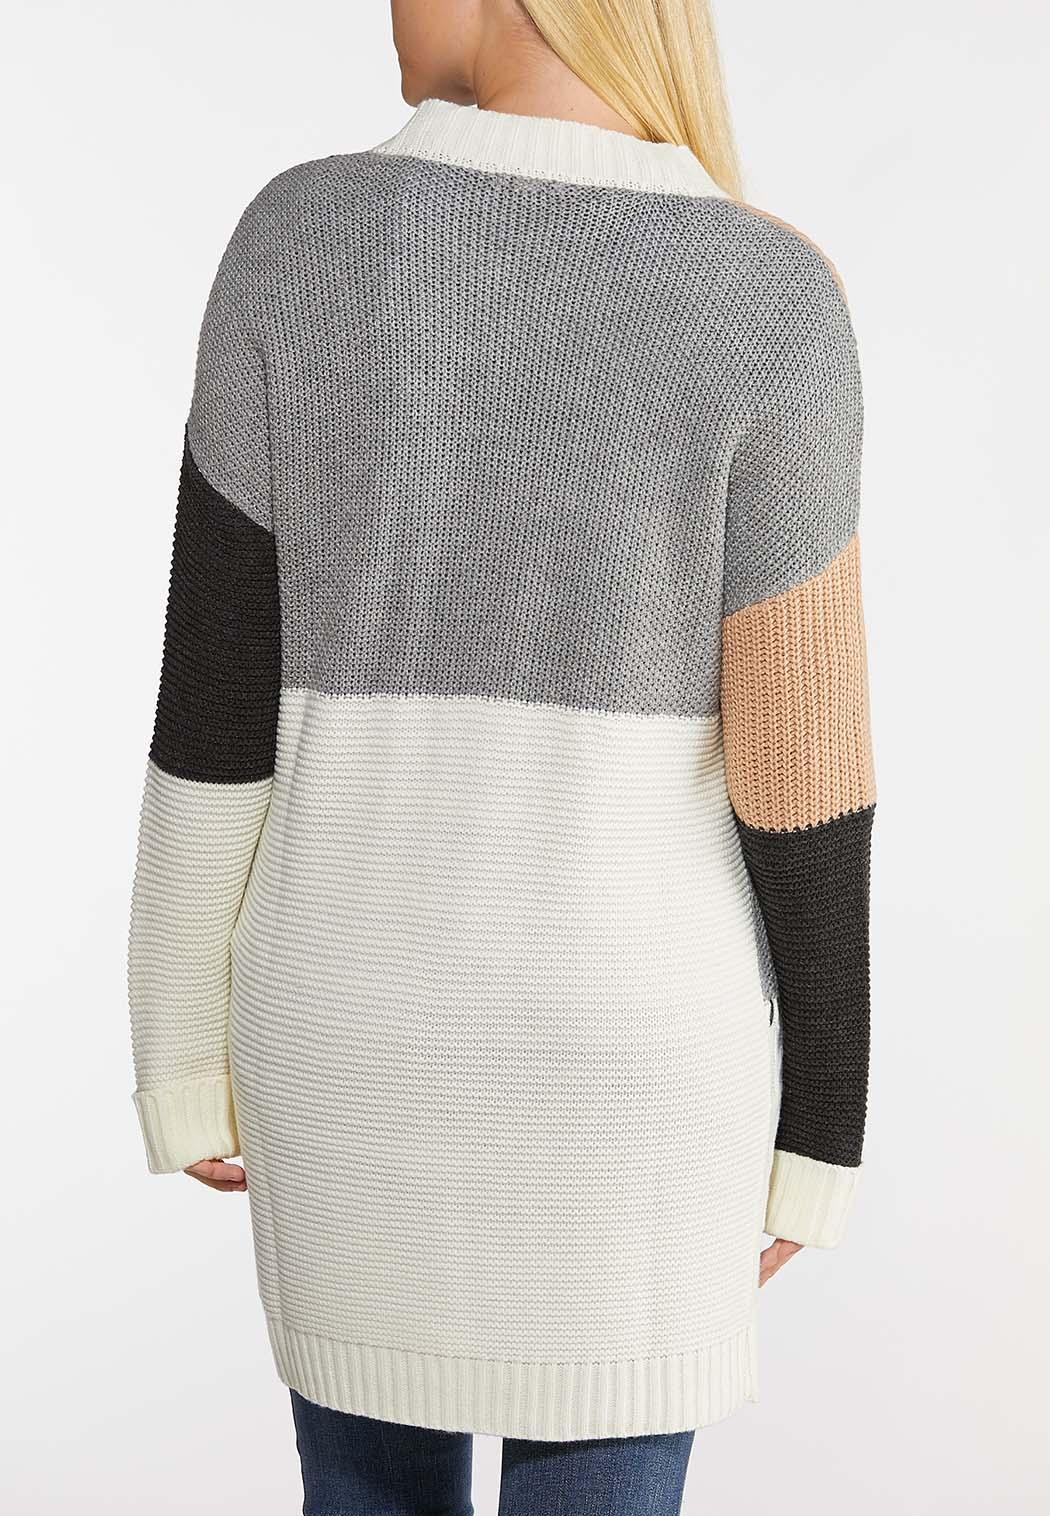 Plus Size Colorblock Cardigan Sweater (Item #44026064)